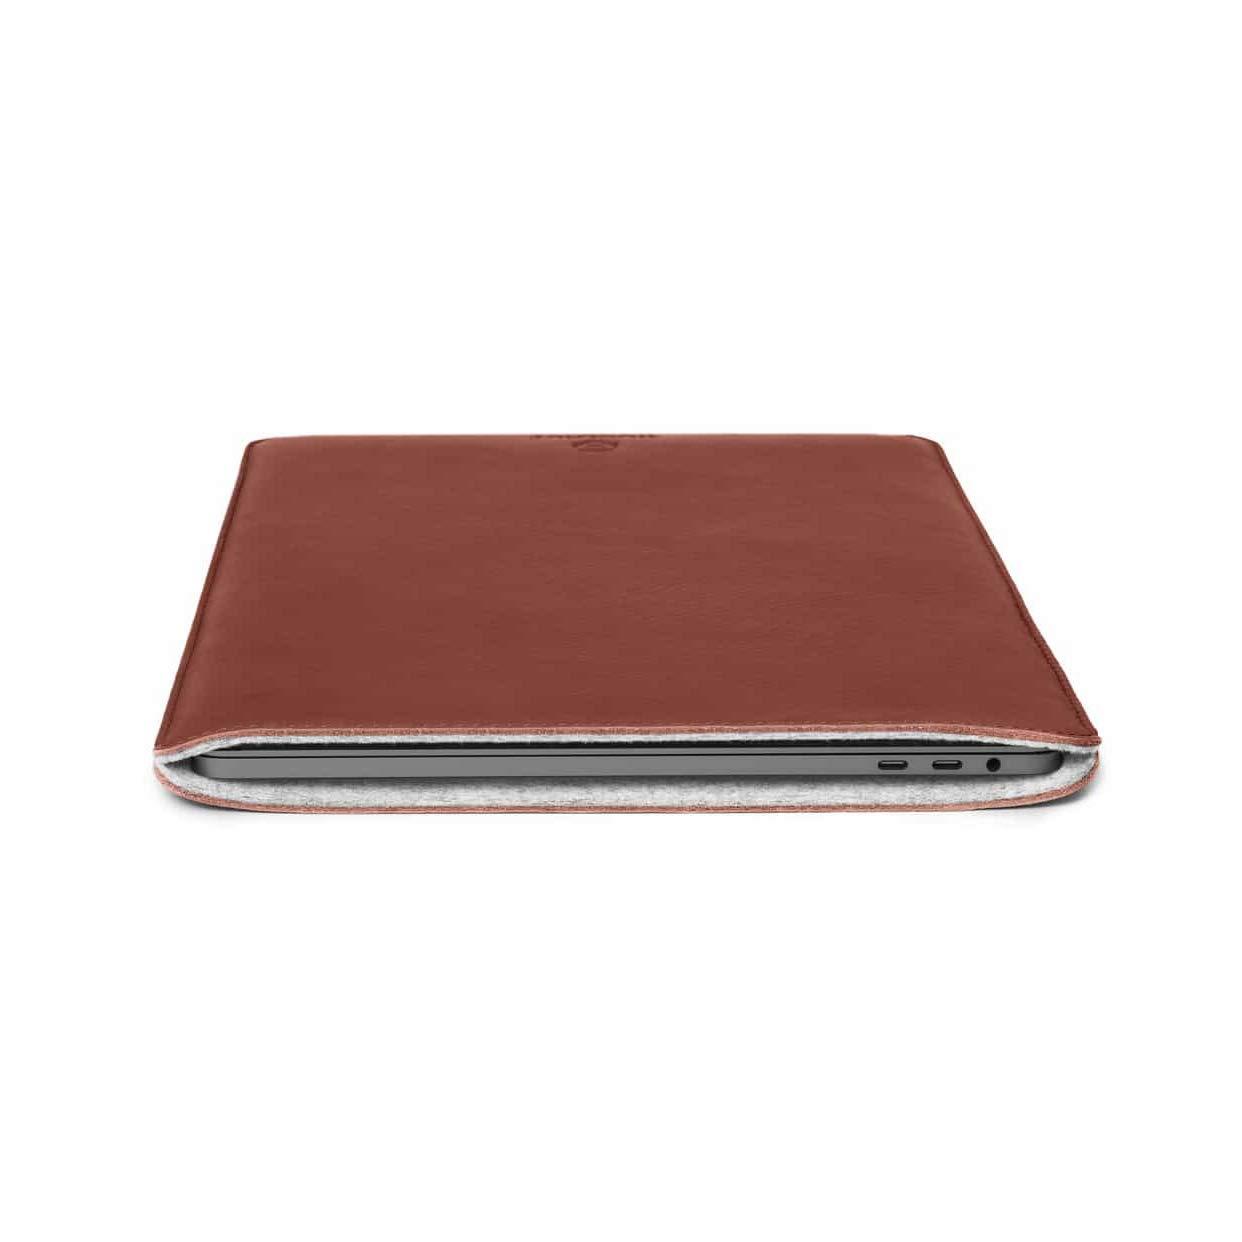 Woolnut MacBook Pro 13 & MacBook Air 13 (New) Sleeve - Cognac by Woolnut (Image #4)